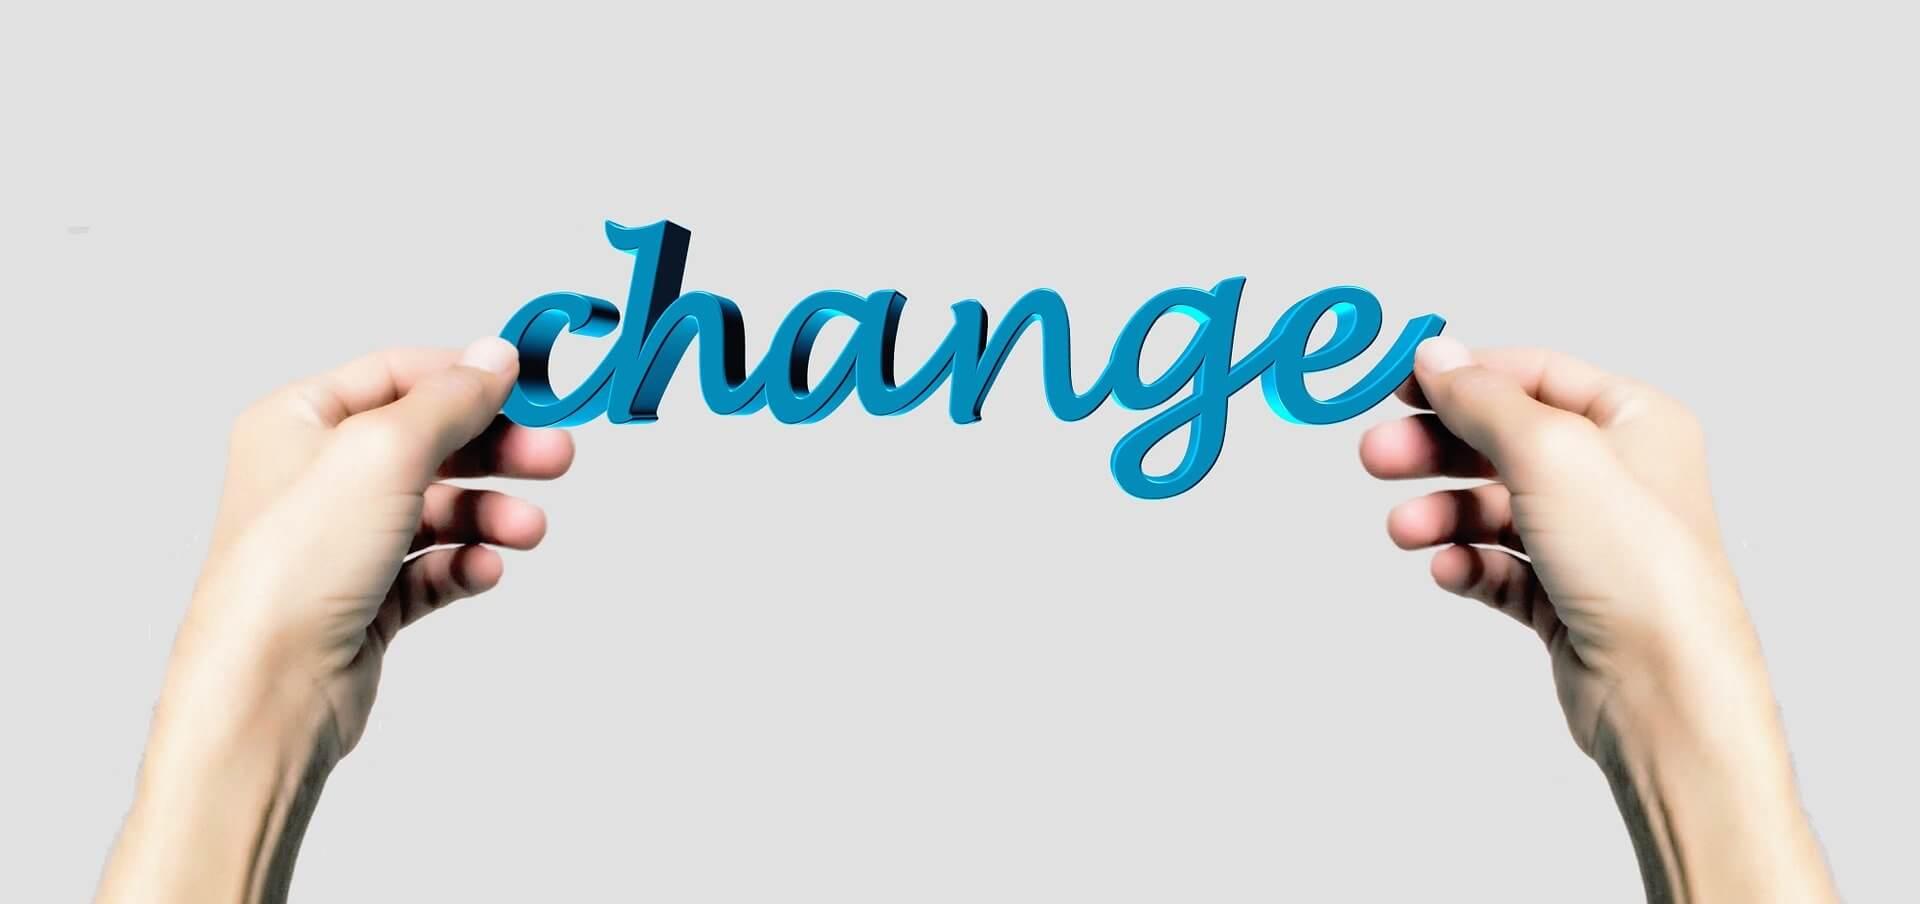 השינוי מתחיל מבפנים